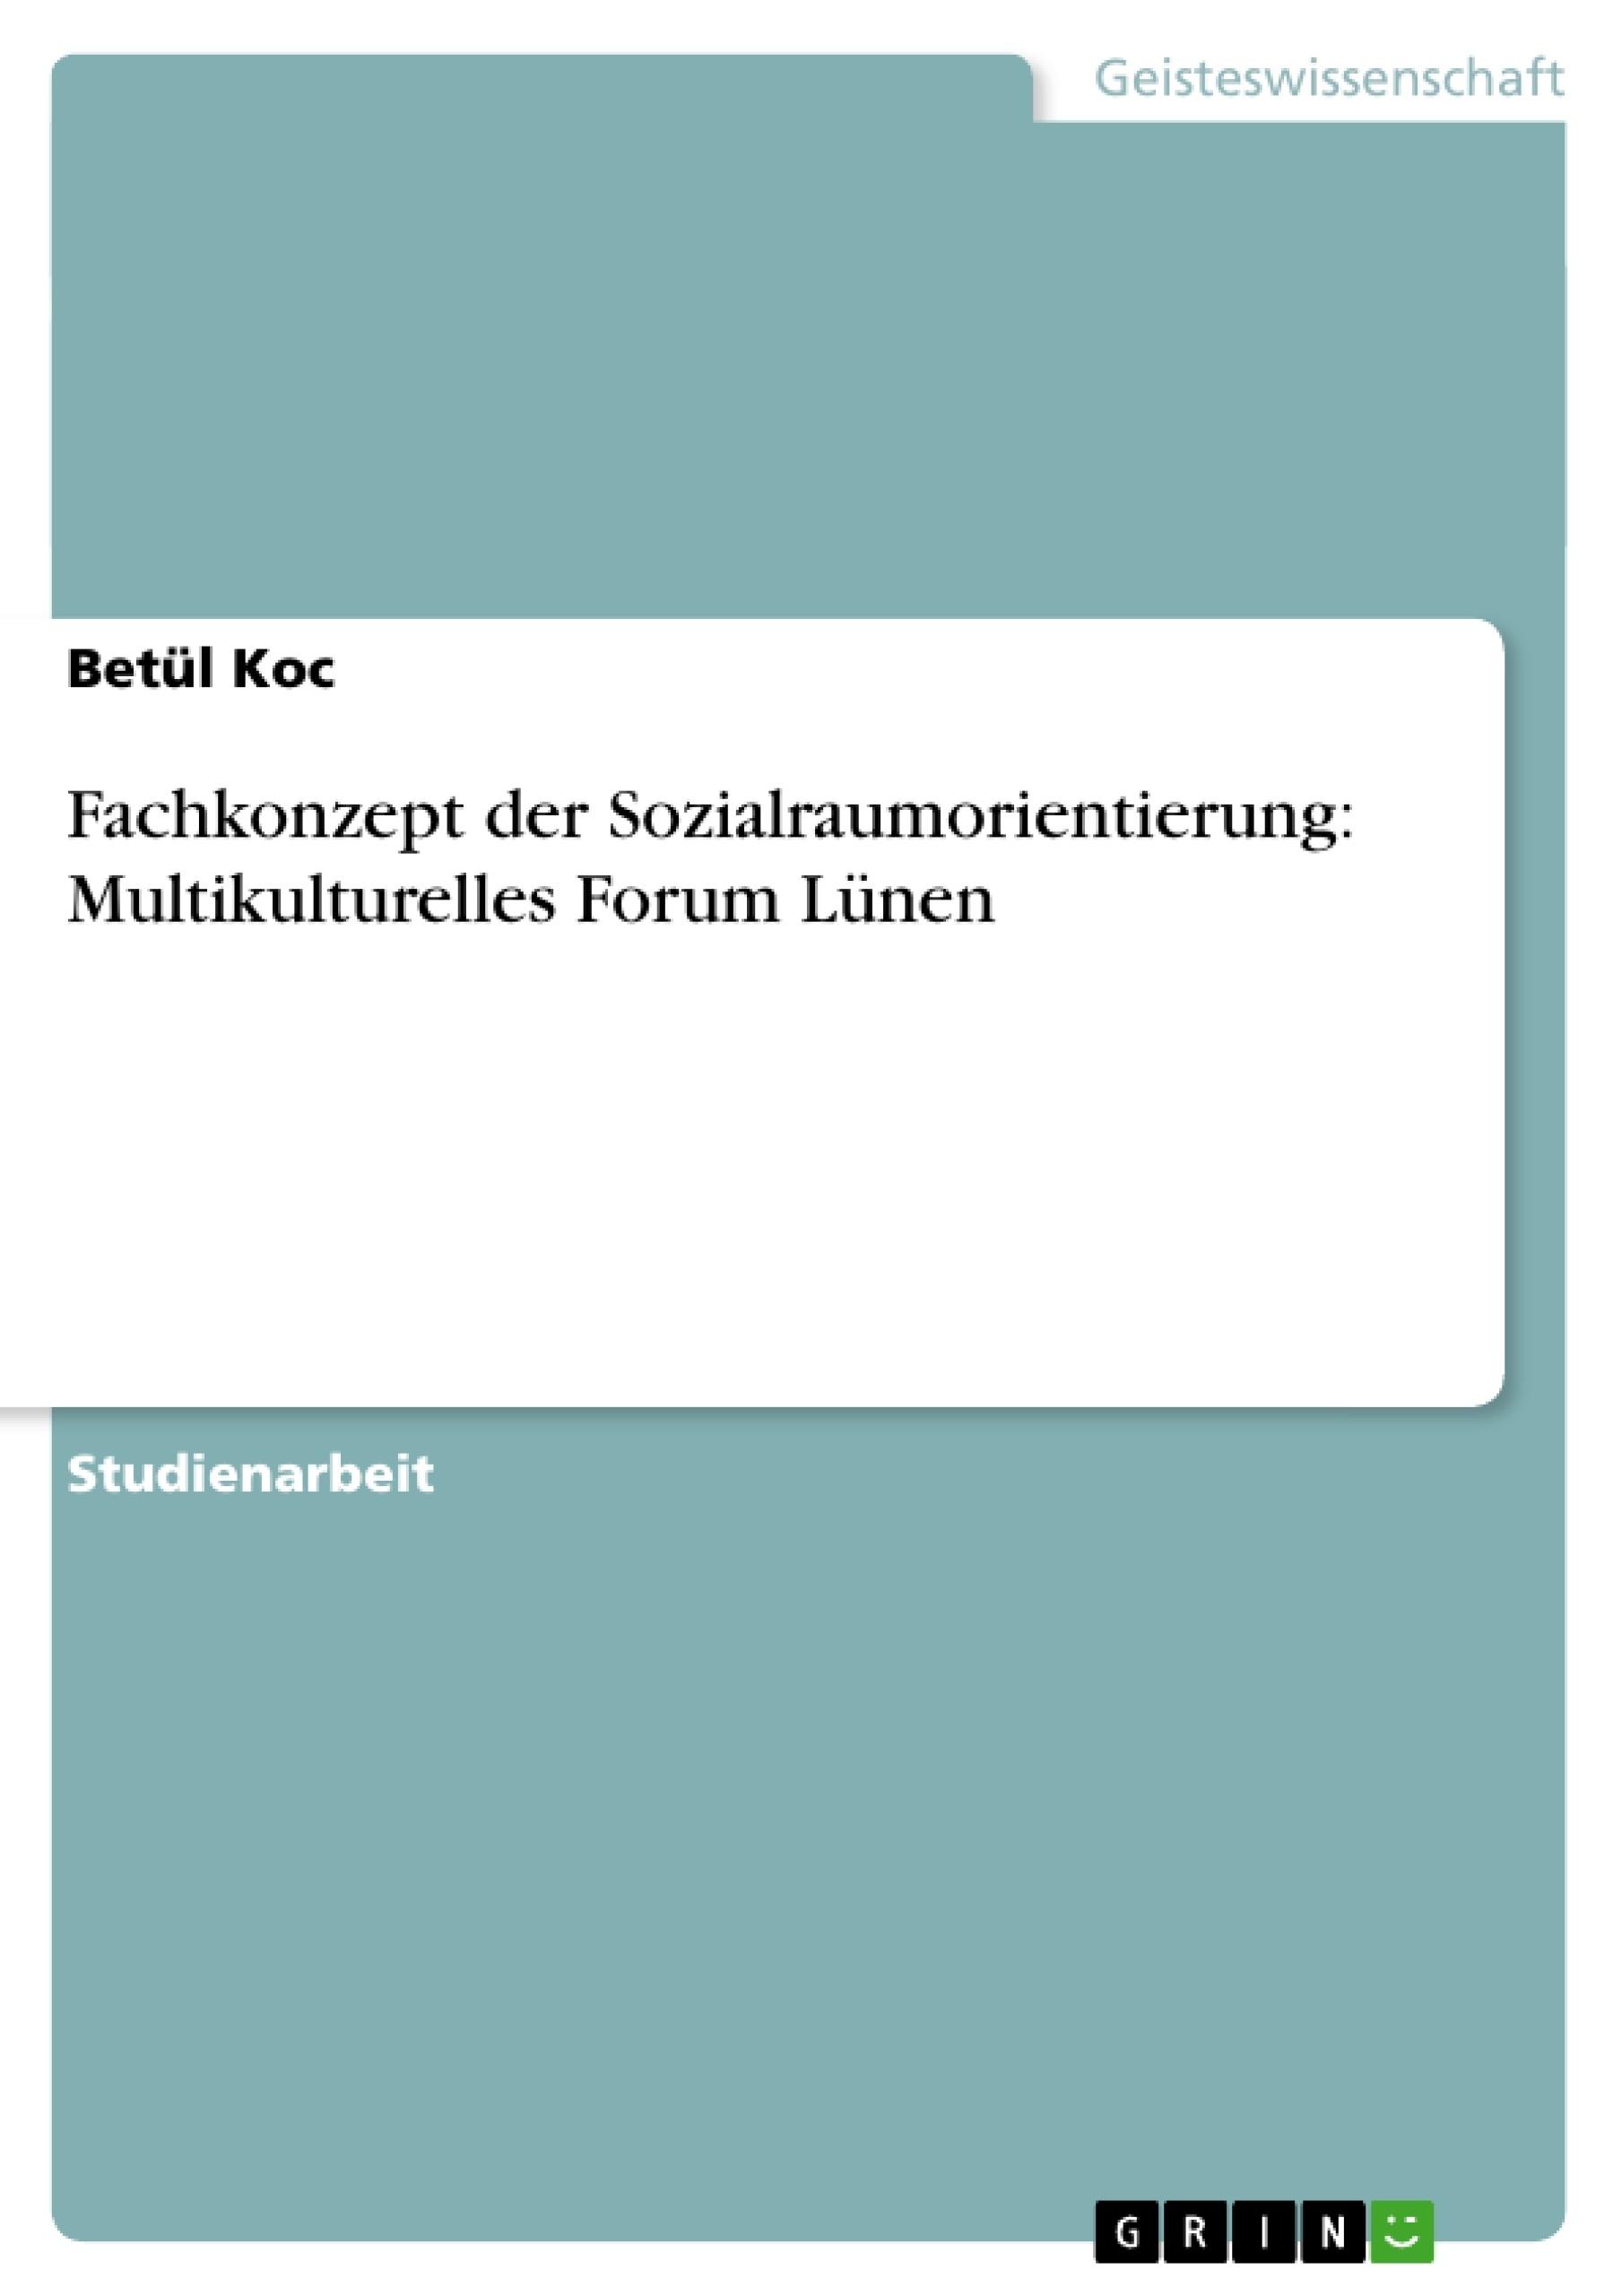 Titel: Fachkonzept der Sozialraumorientierung: Multikulturelles Forum Lünen